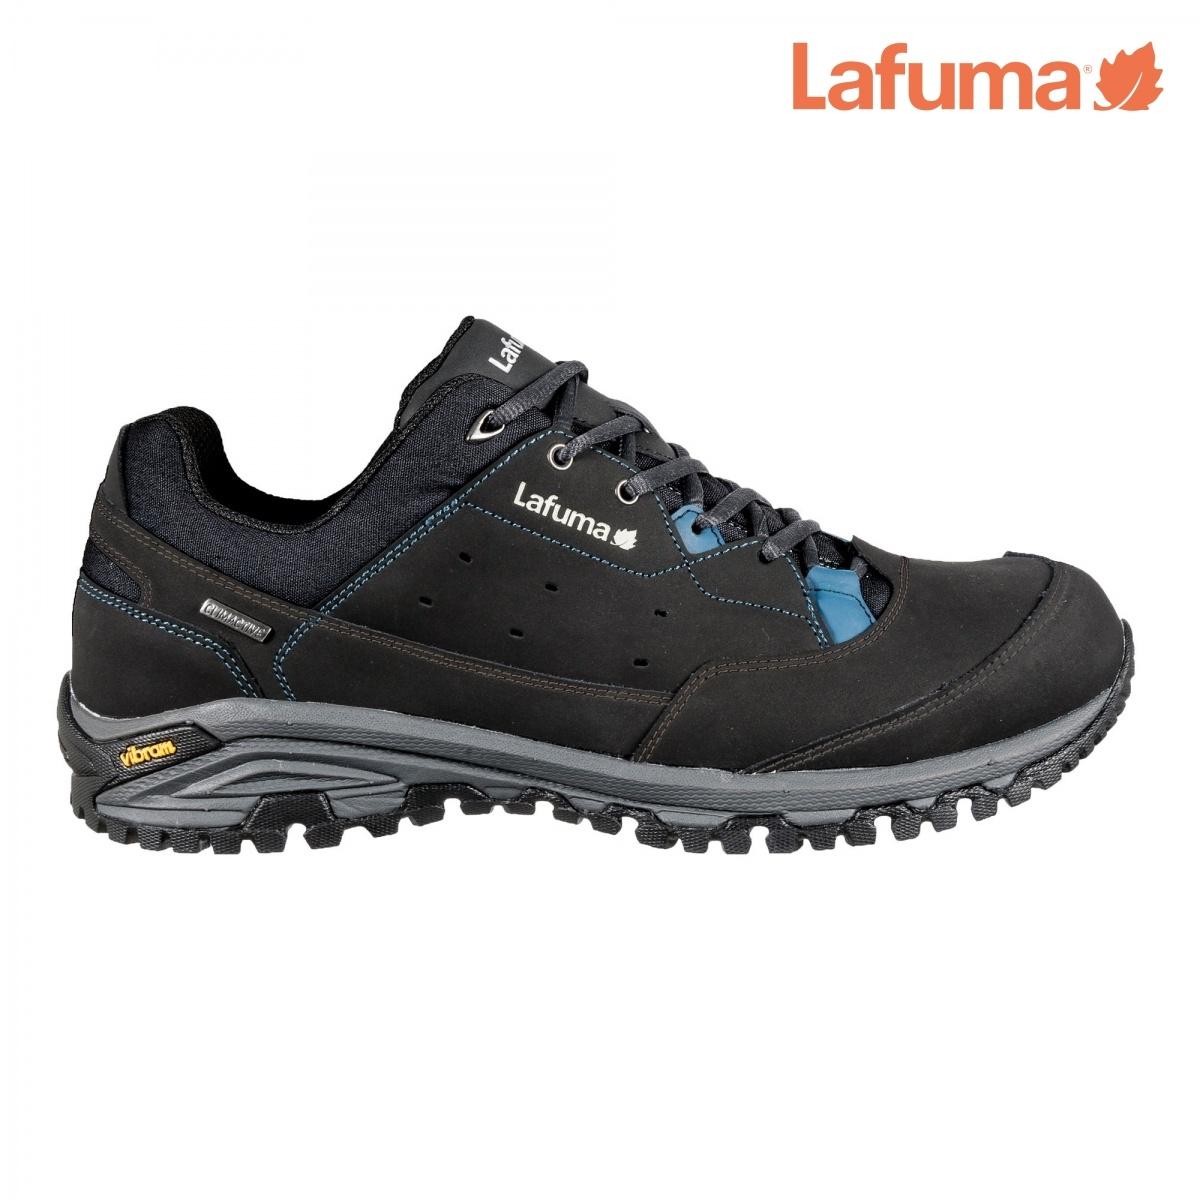 Pánské boty Lafuma - ANETO LOW CLIMACTIVE M – Asfaltová  86a8511e27